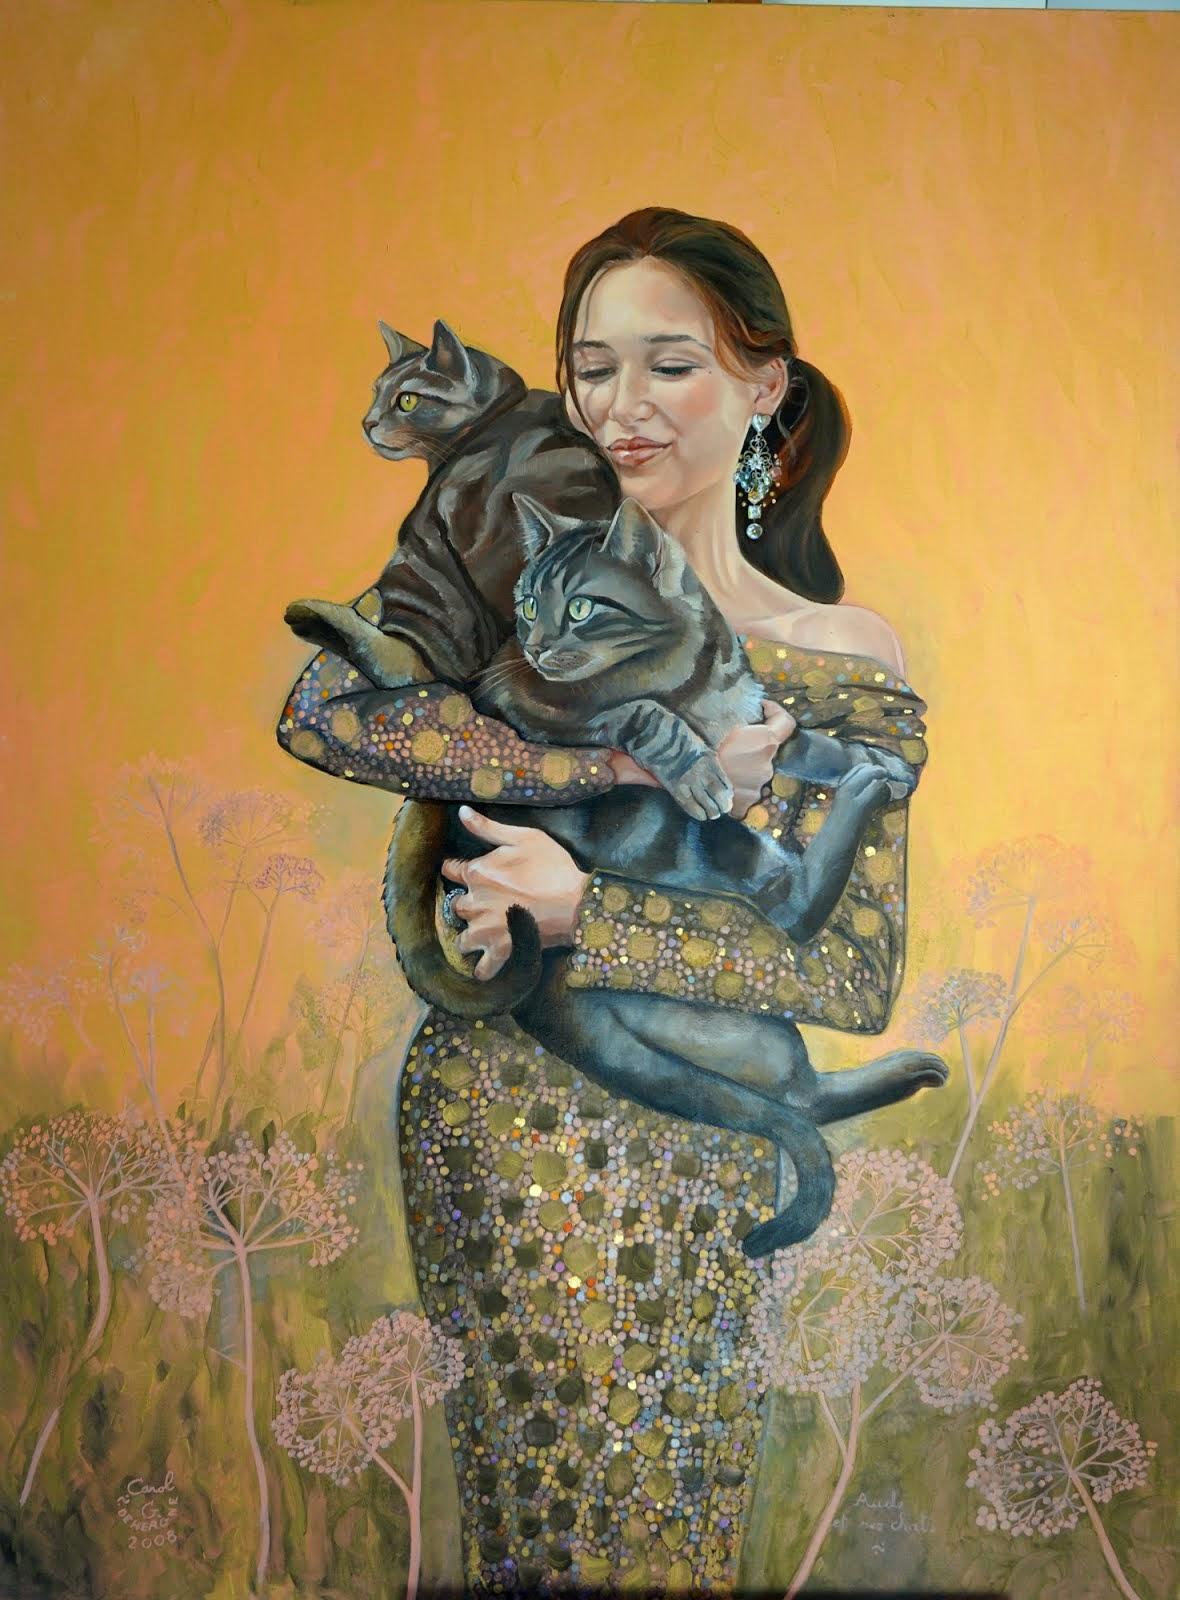 AUDE et ses chats, Seccotine et Scarlamitou